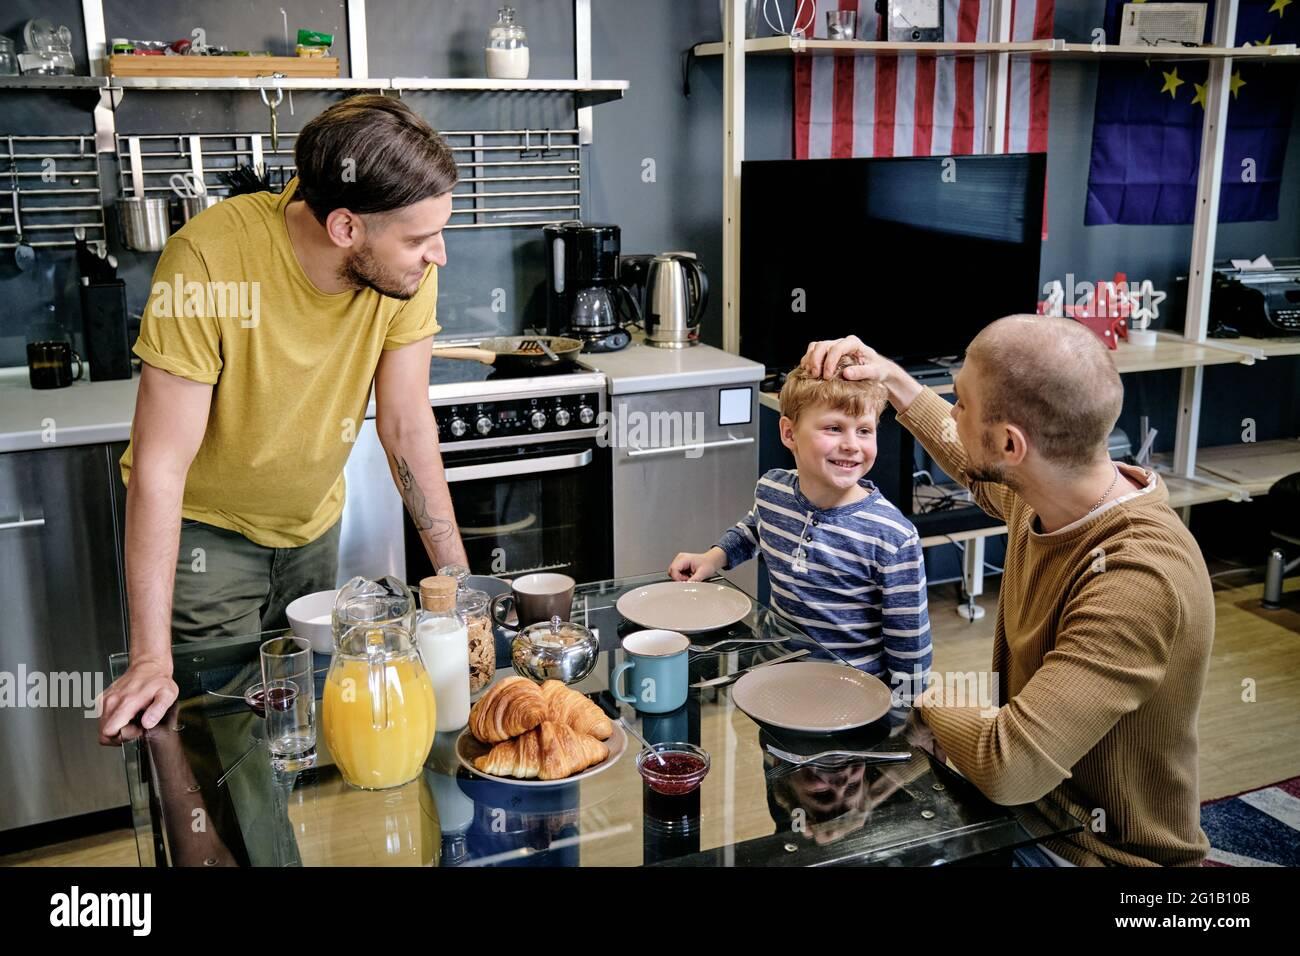 Feliz niño pequeño y dos hombres jóvenes hablando por mesa en la cocina Foto de stock